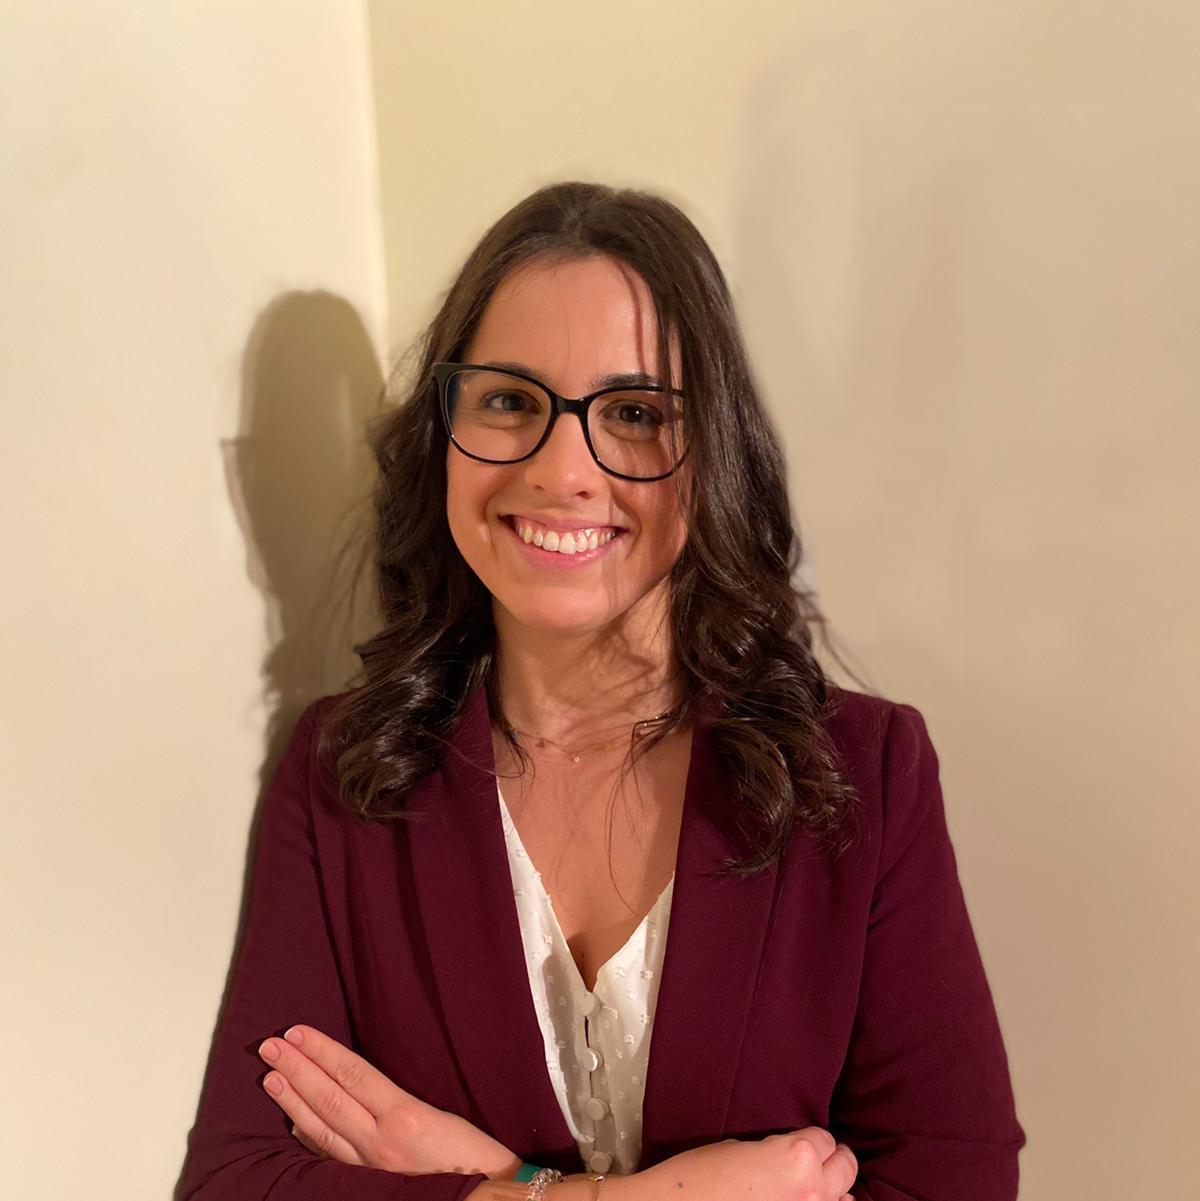 Marina Moreno-Arrones Gordo